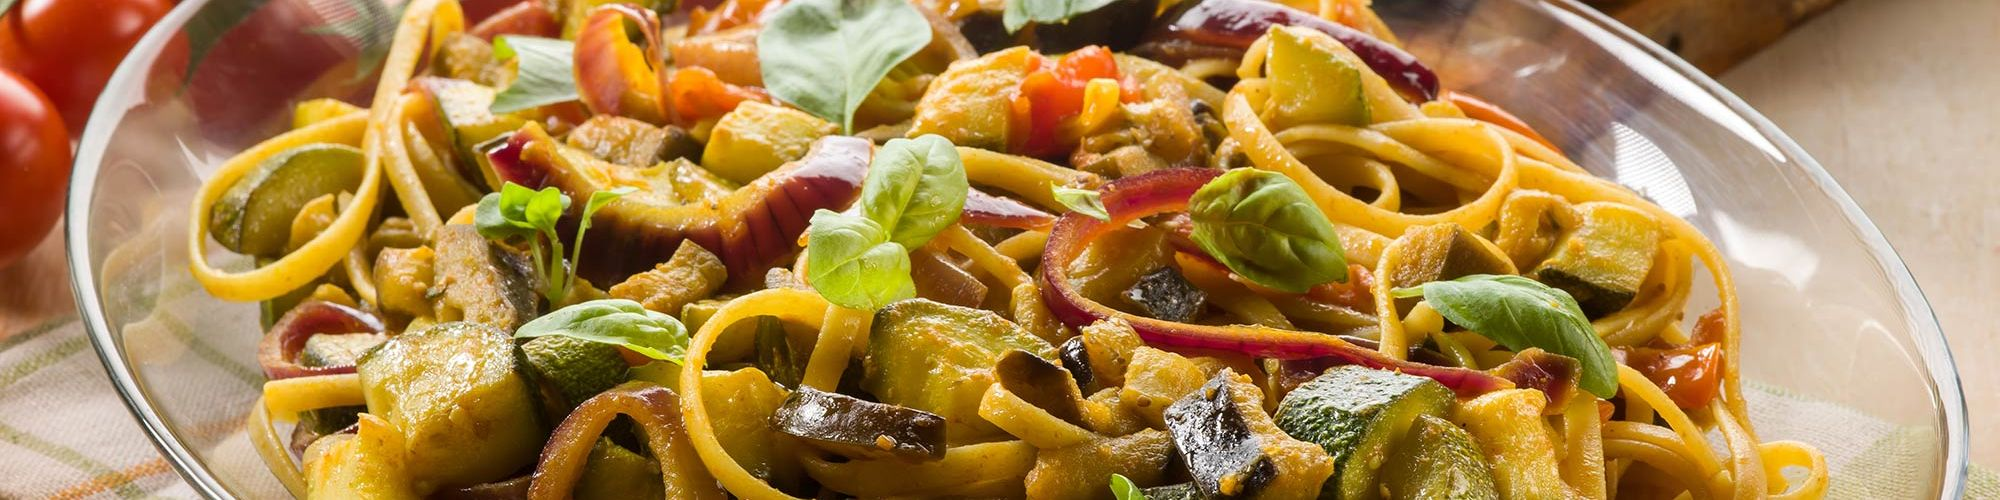 ricetta Tagliolini con zucchine, melanzane e curry con pasta fresca